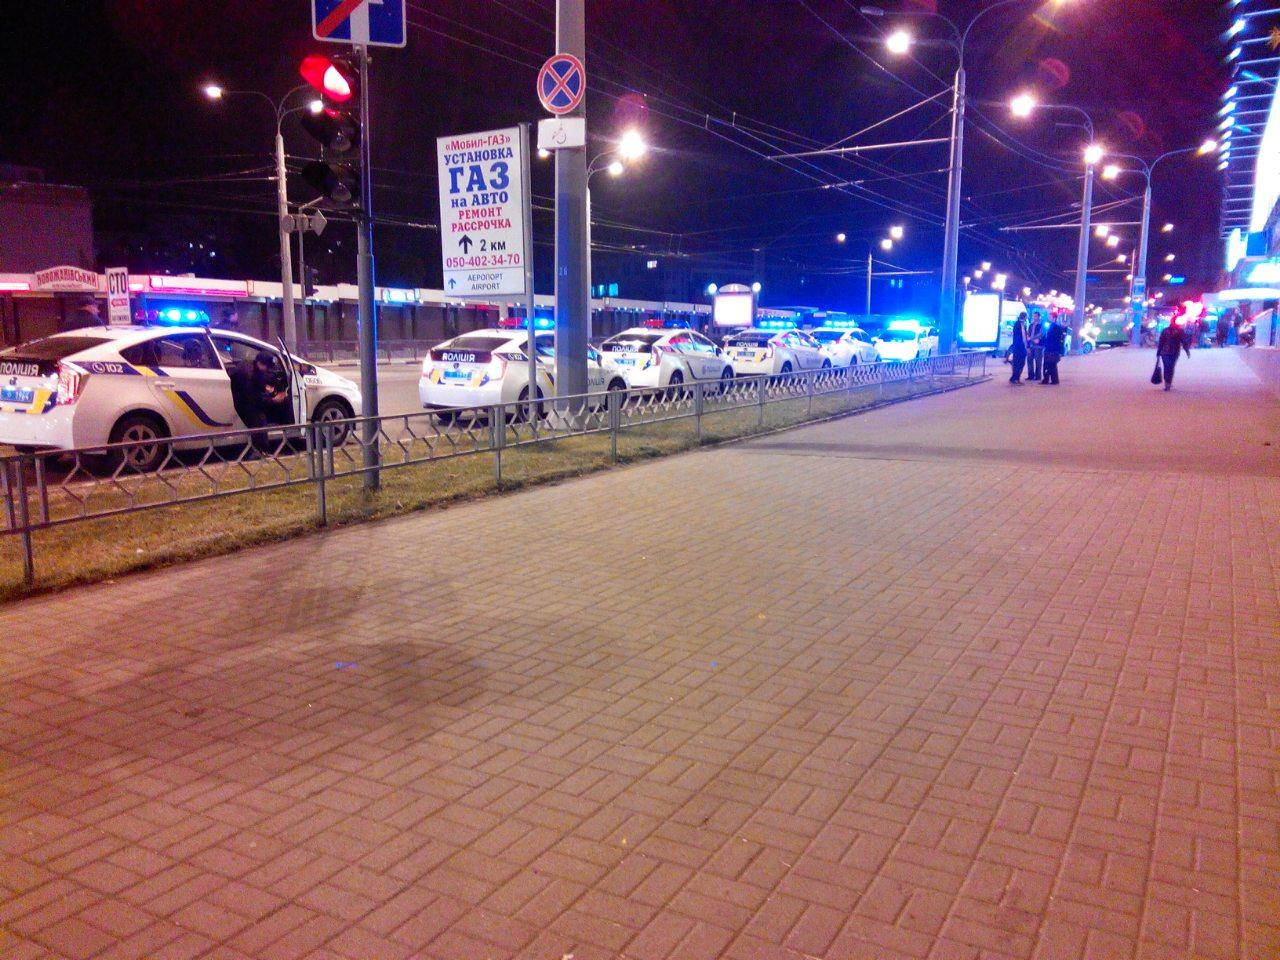 Соцсети: ночью в центре Харькова напали на